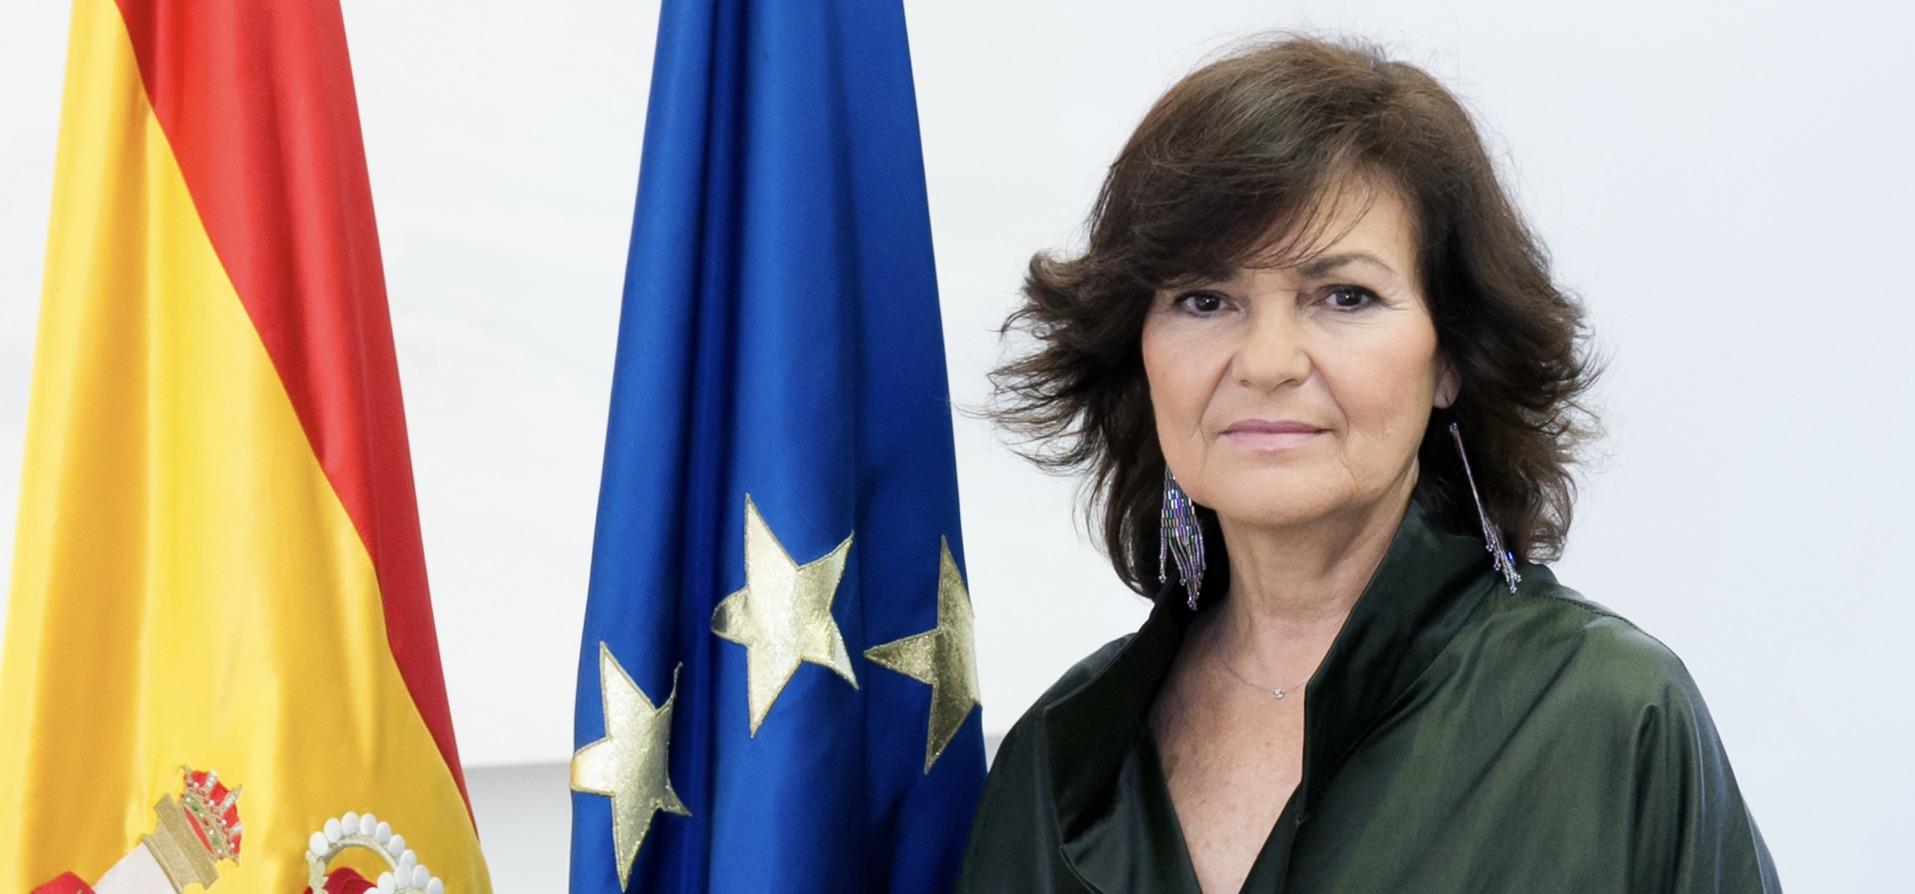 Ucronía o deseo de tener una mujer con esa responsabilidad. La cuestión es que Canal Sur, ha convertido a Carmen Calvo en Presidenta por una día.